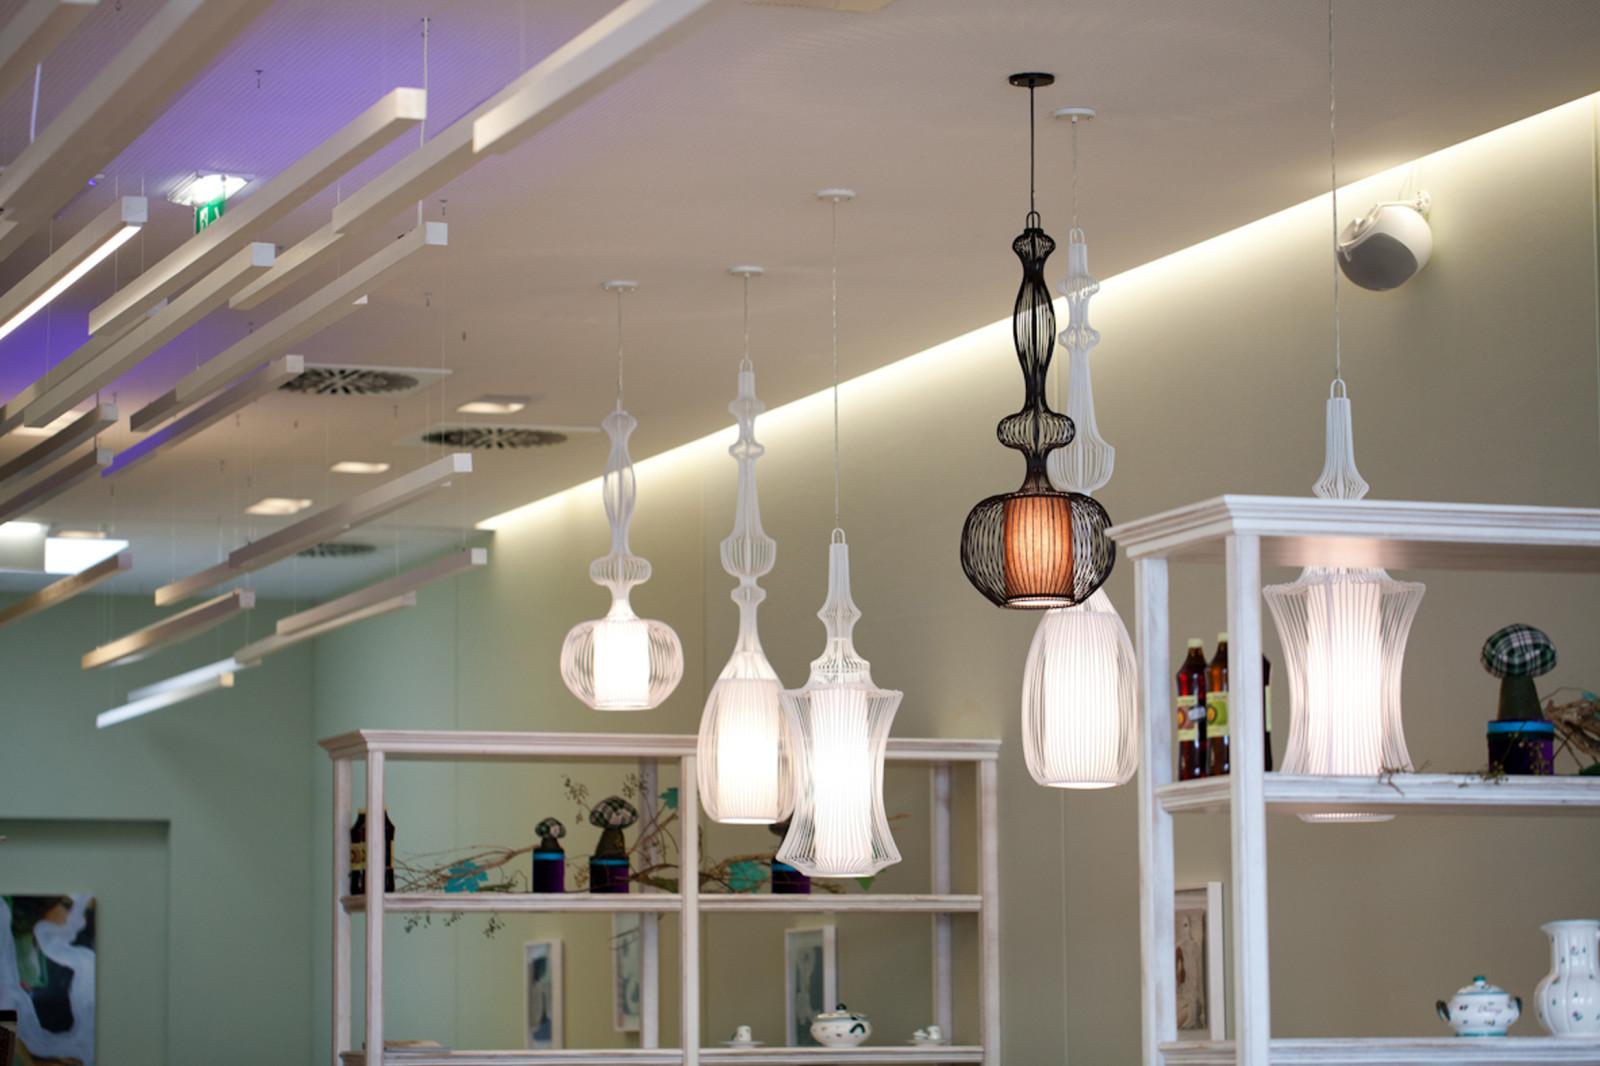 Blickfang: die italienischen Designerlampen.